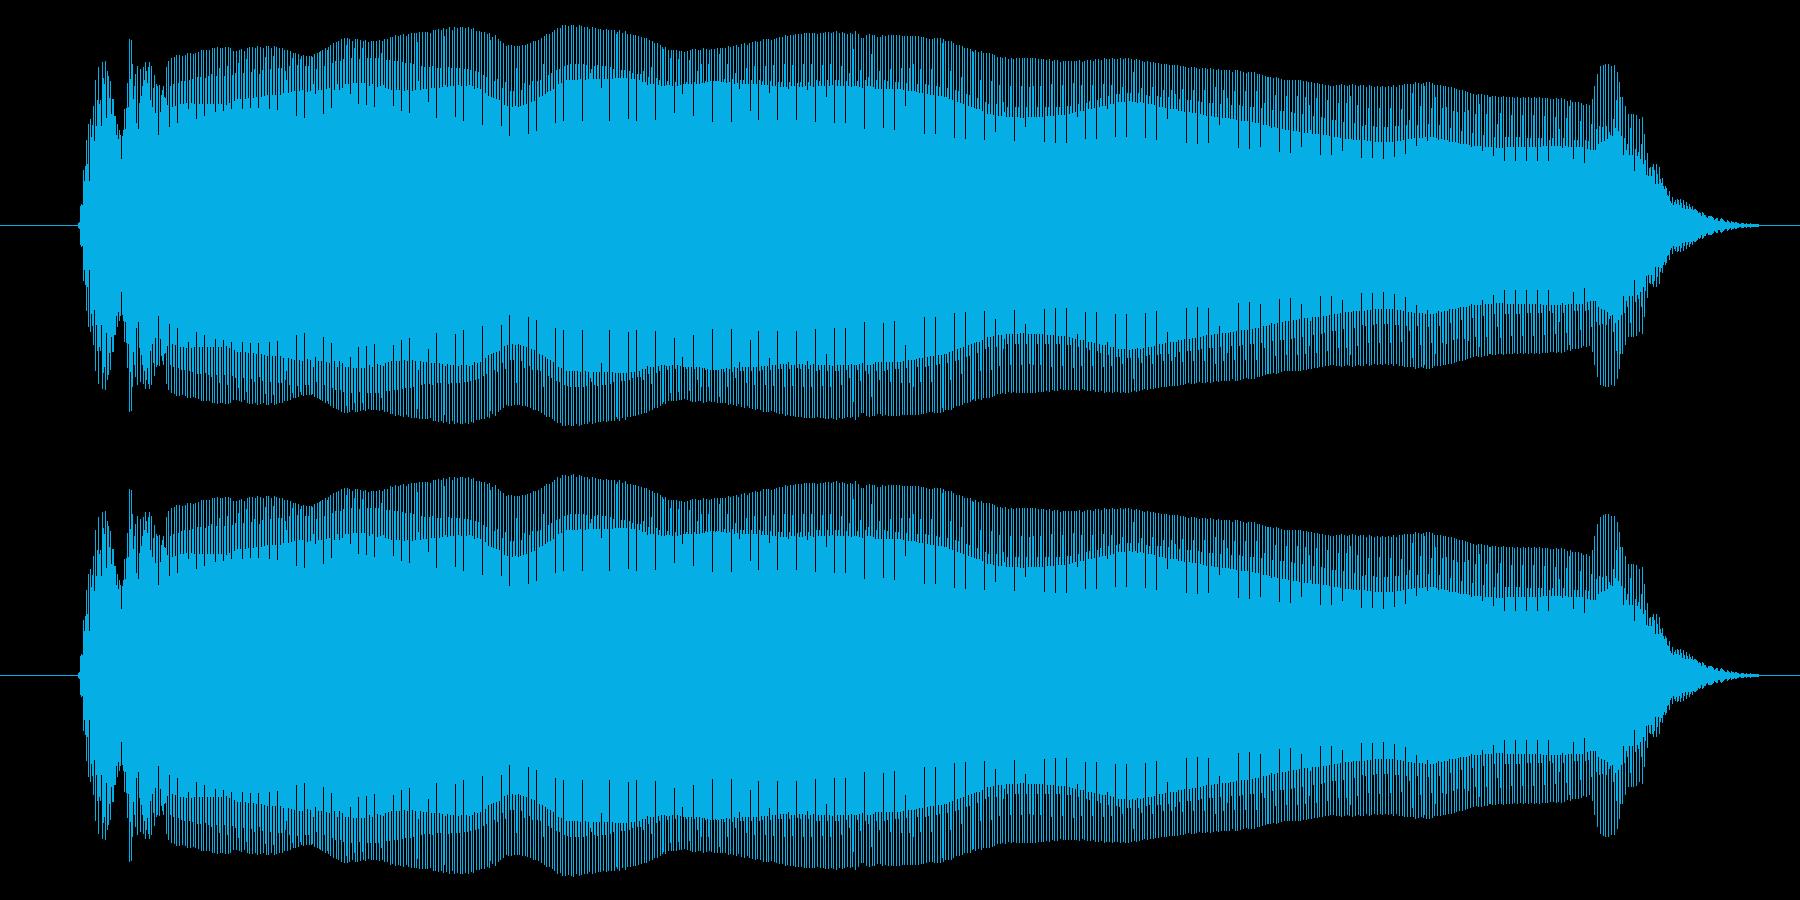 SNES サッカー01-11(ゴール)の再生済みの波形